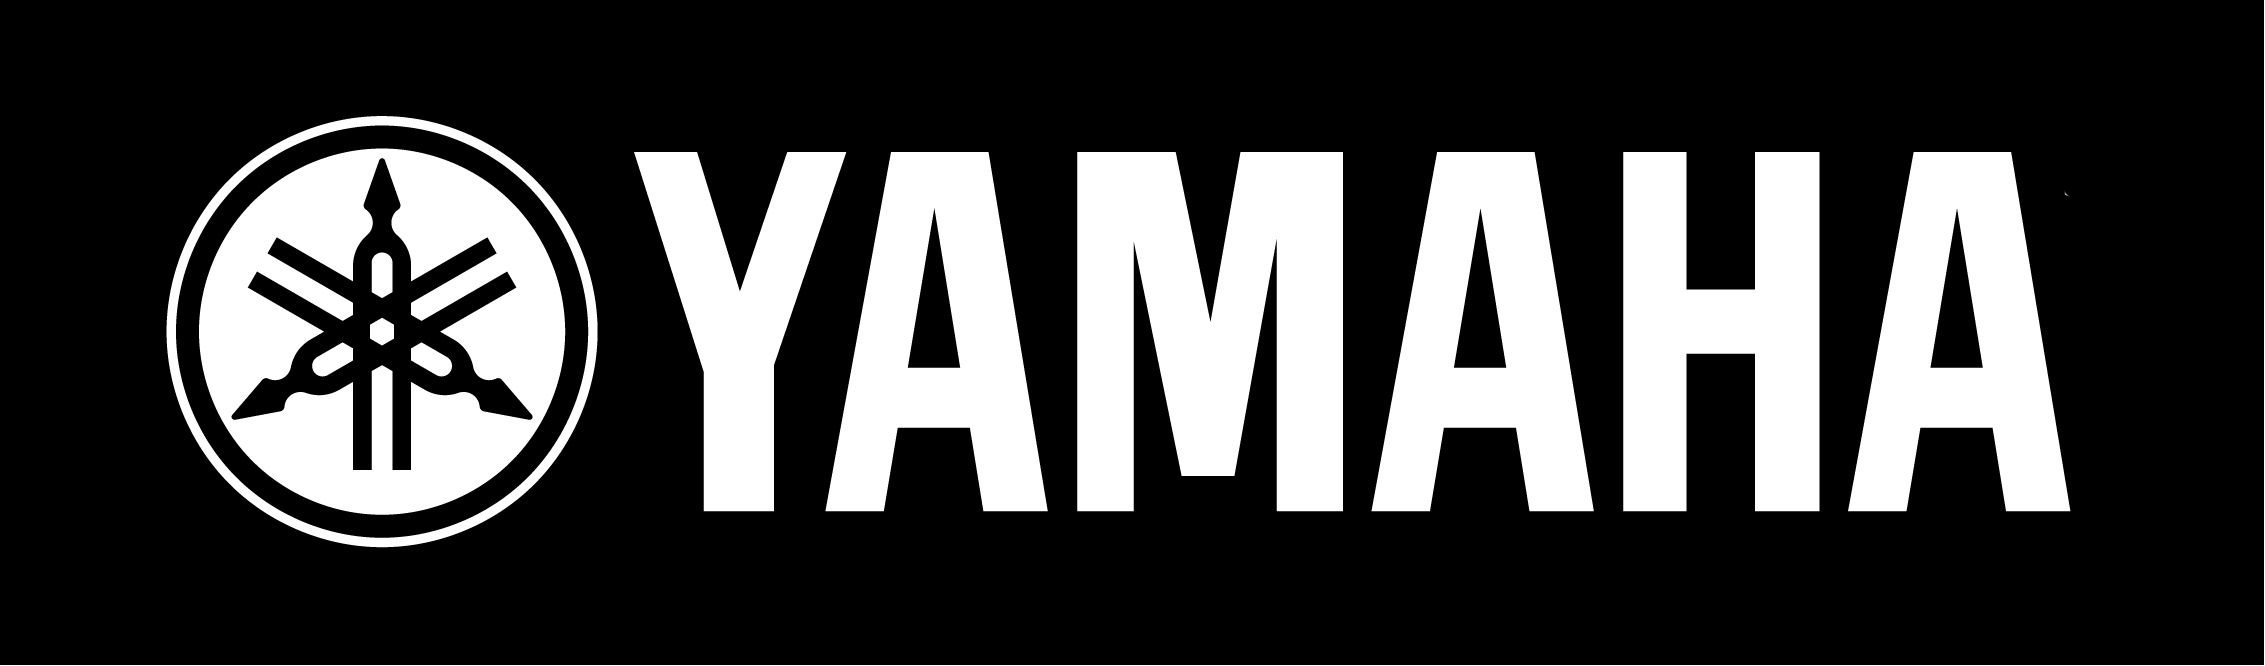 Yamaha Logo (White on Black) Hi Res